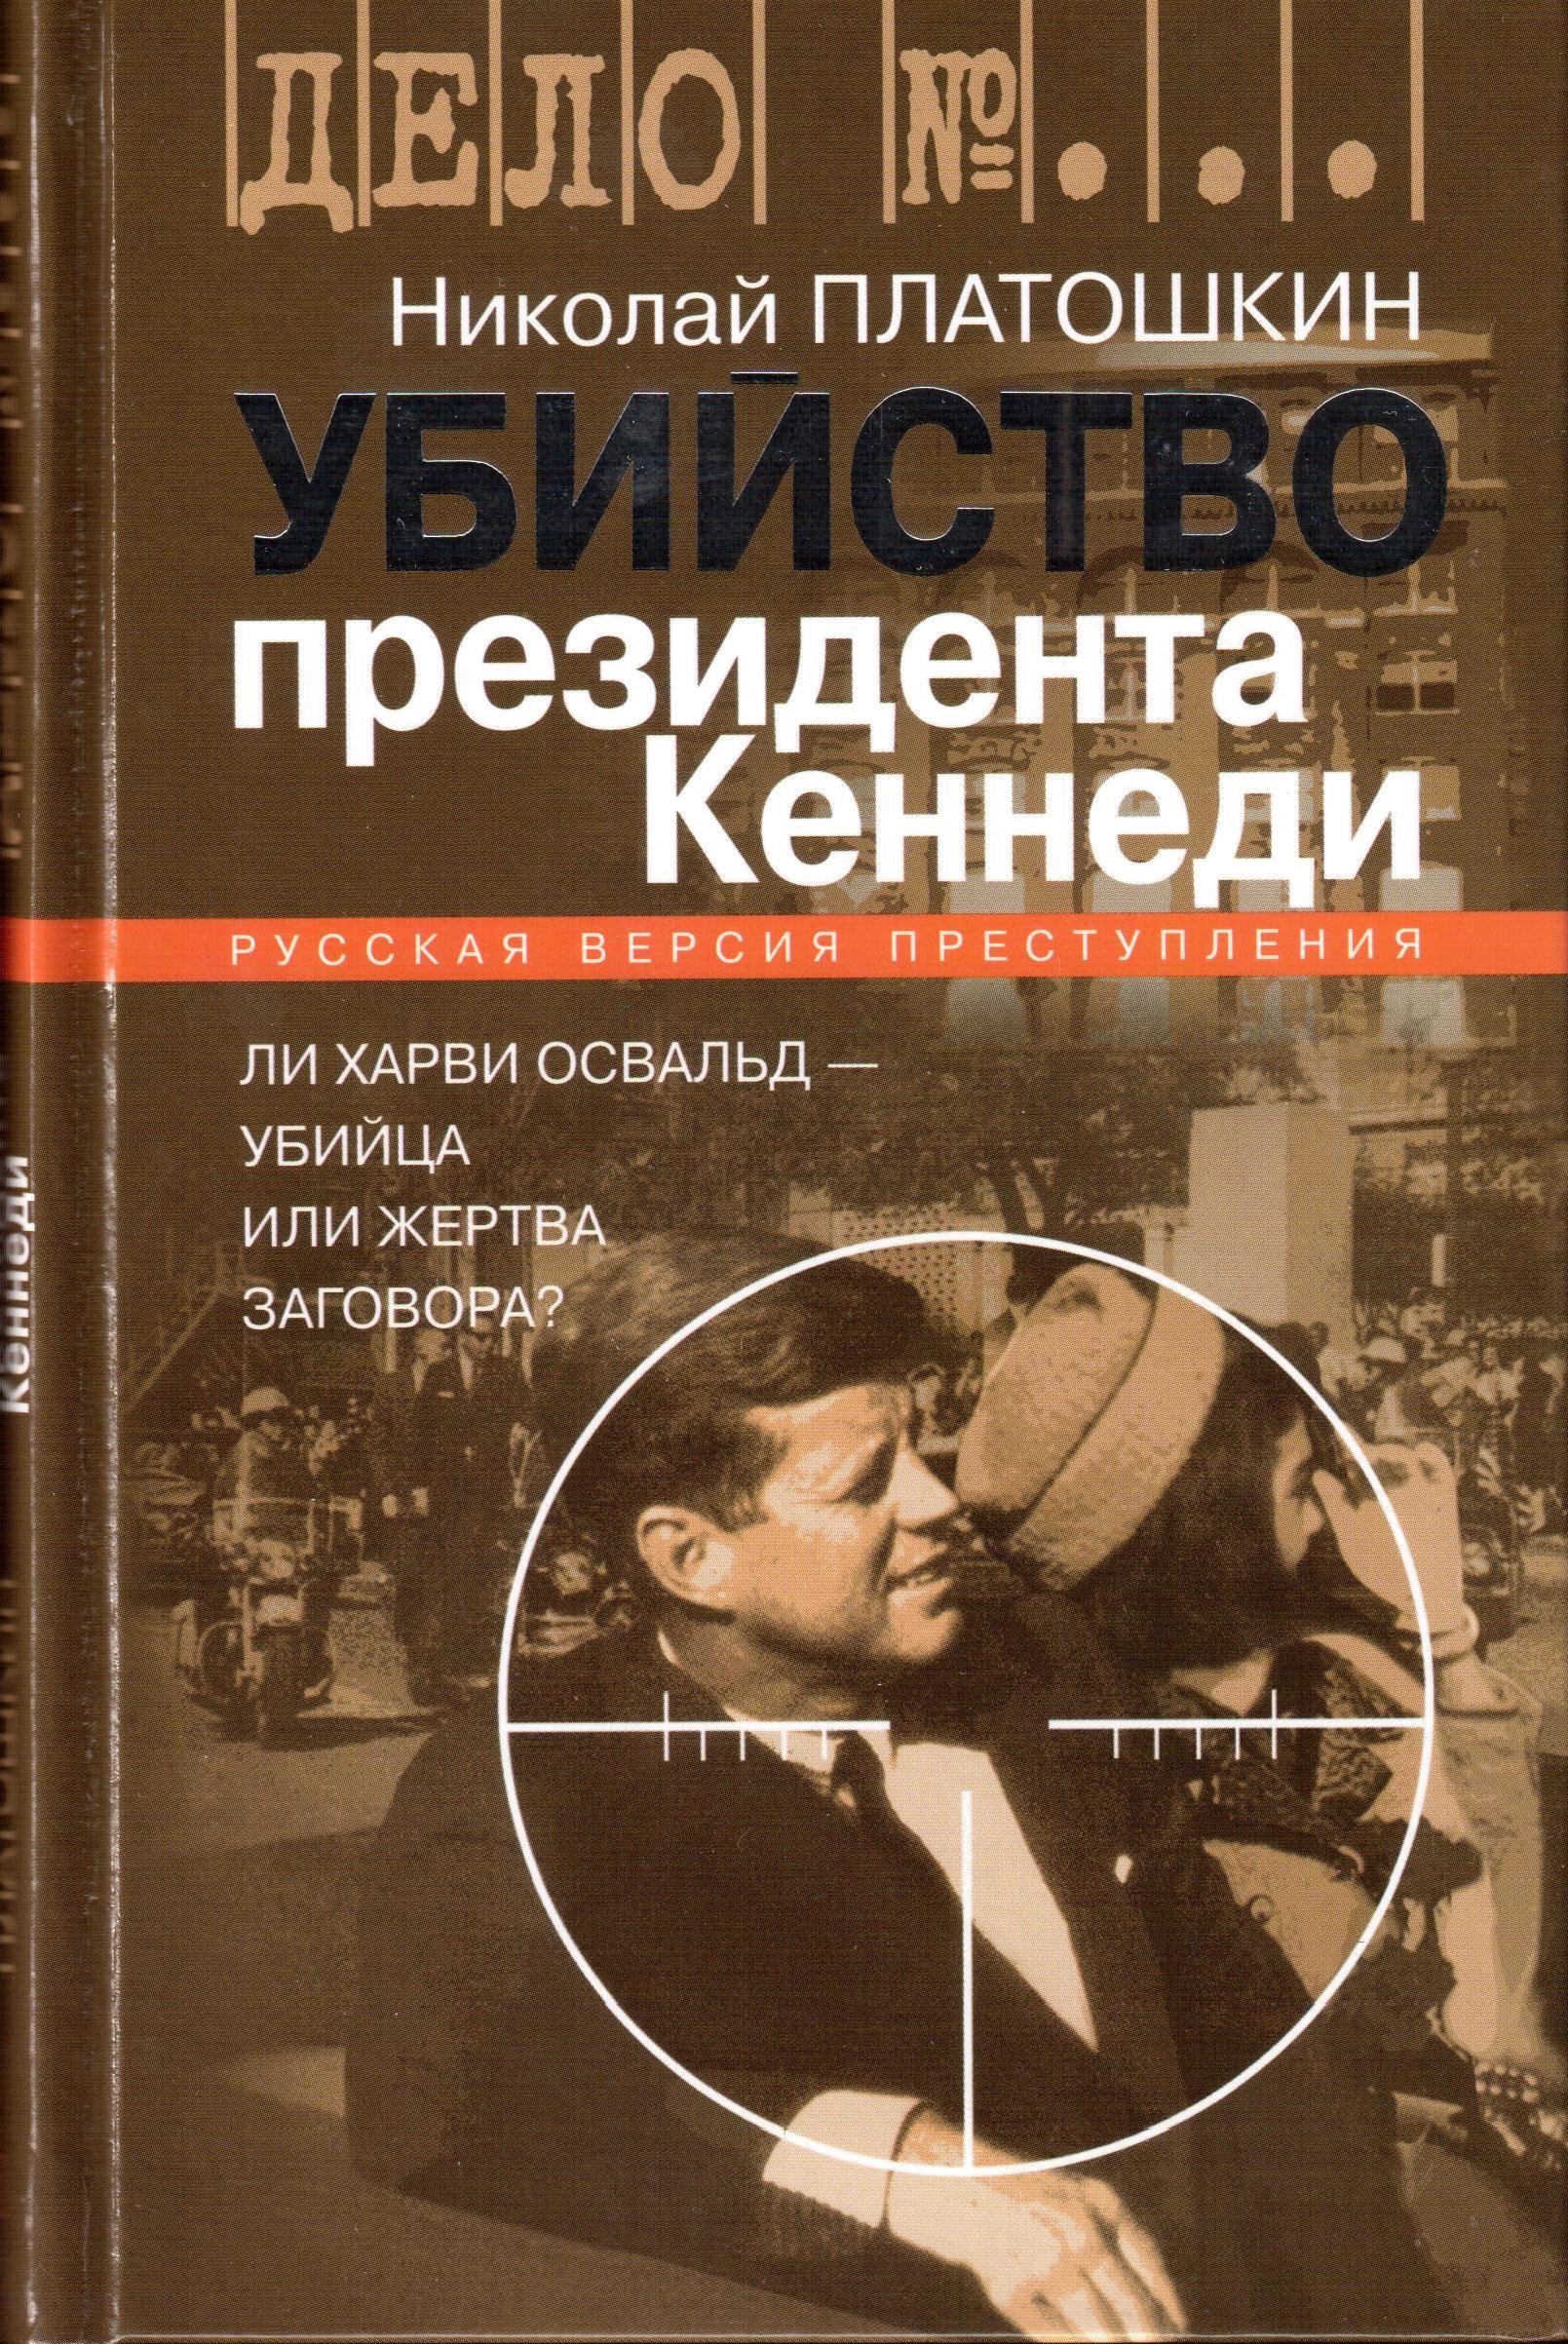 книга Кеннеди_1_01